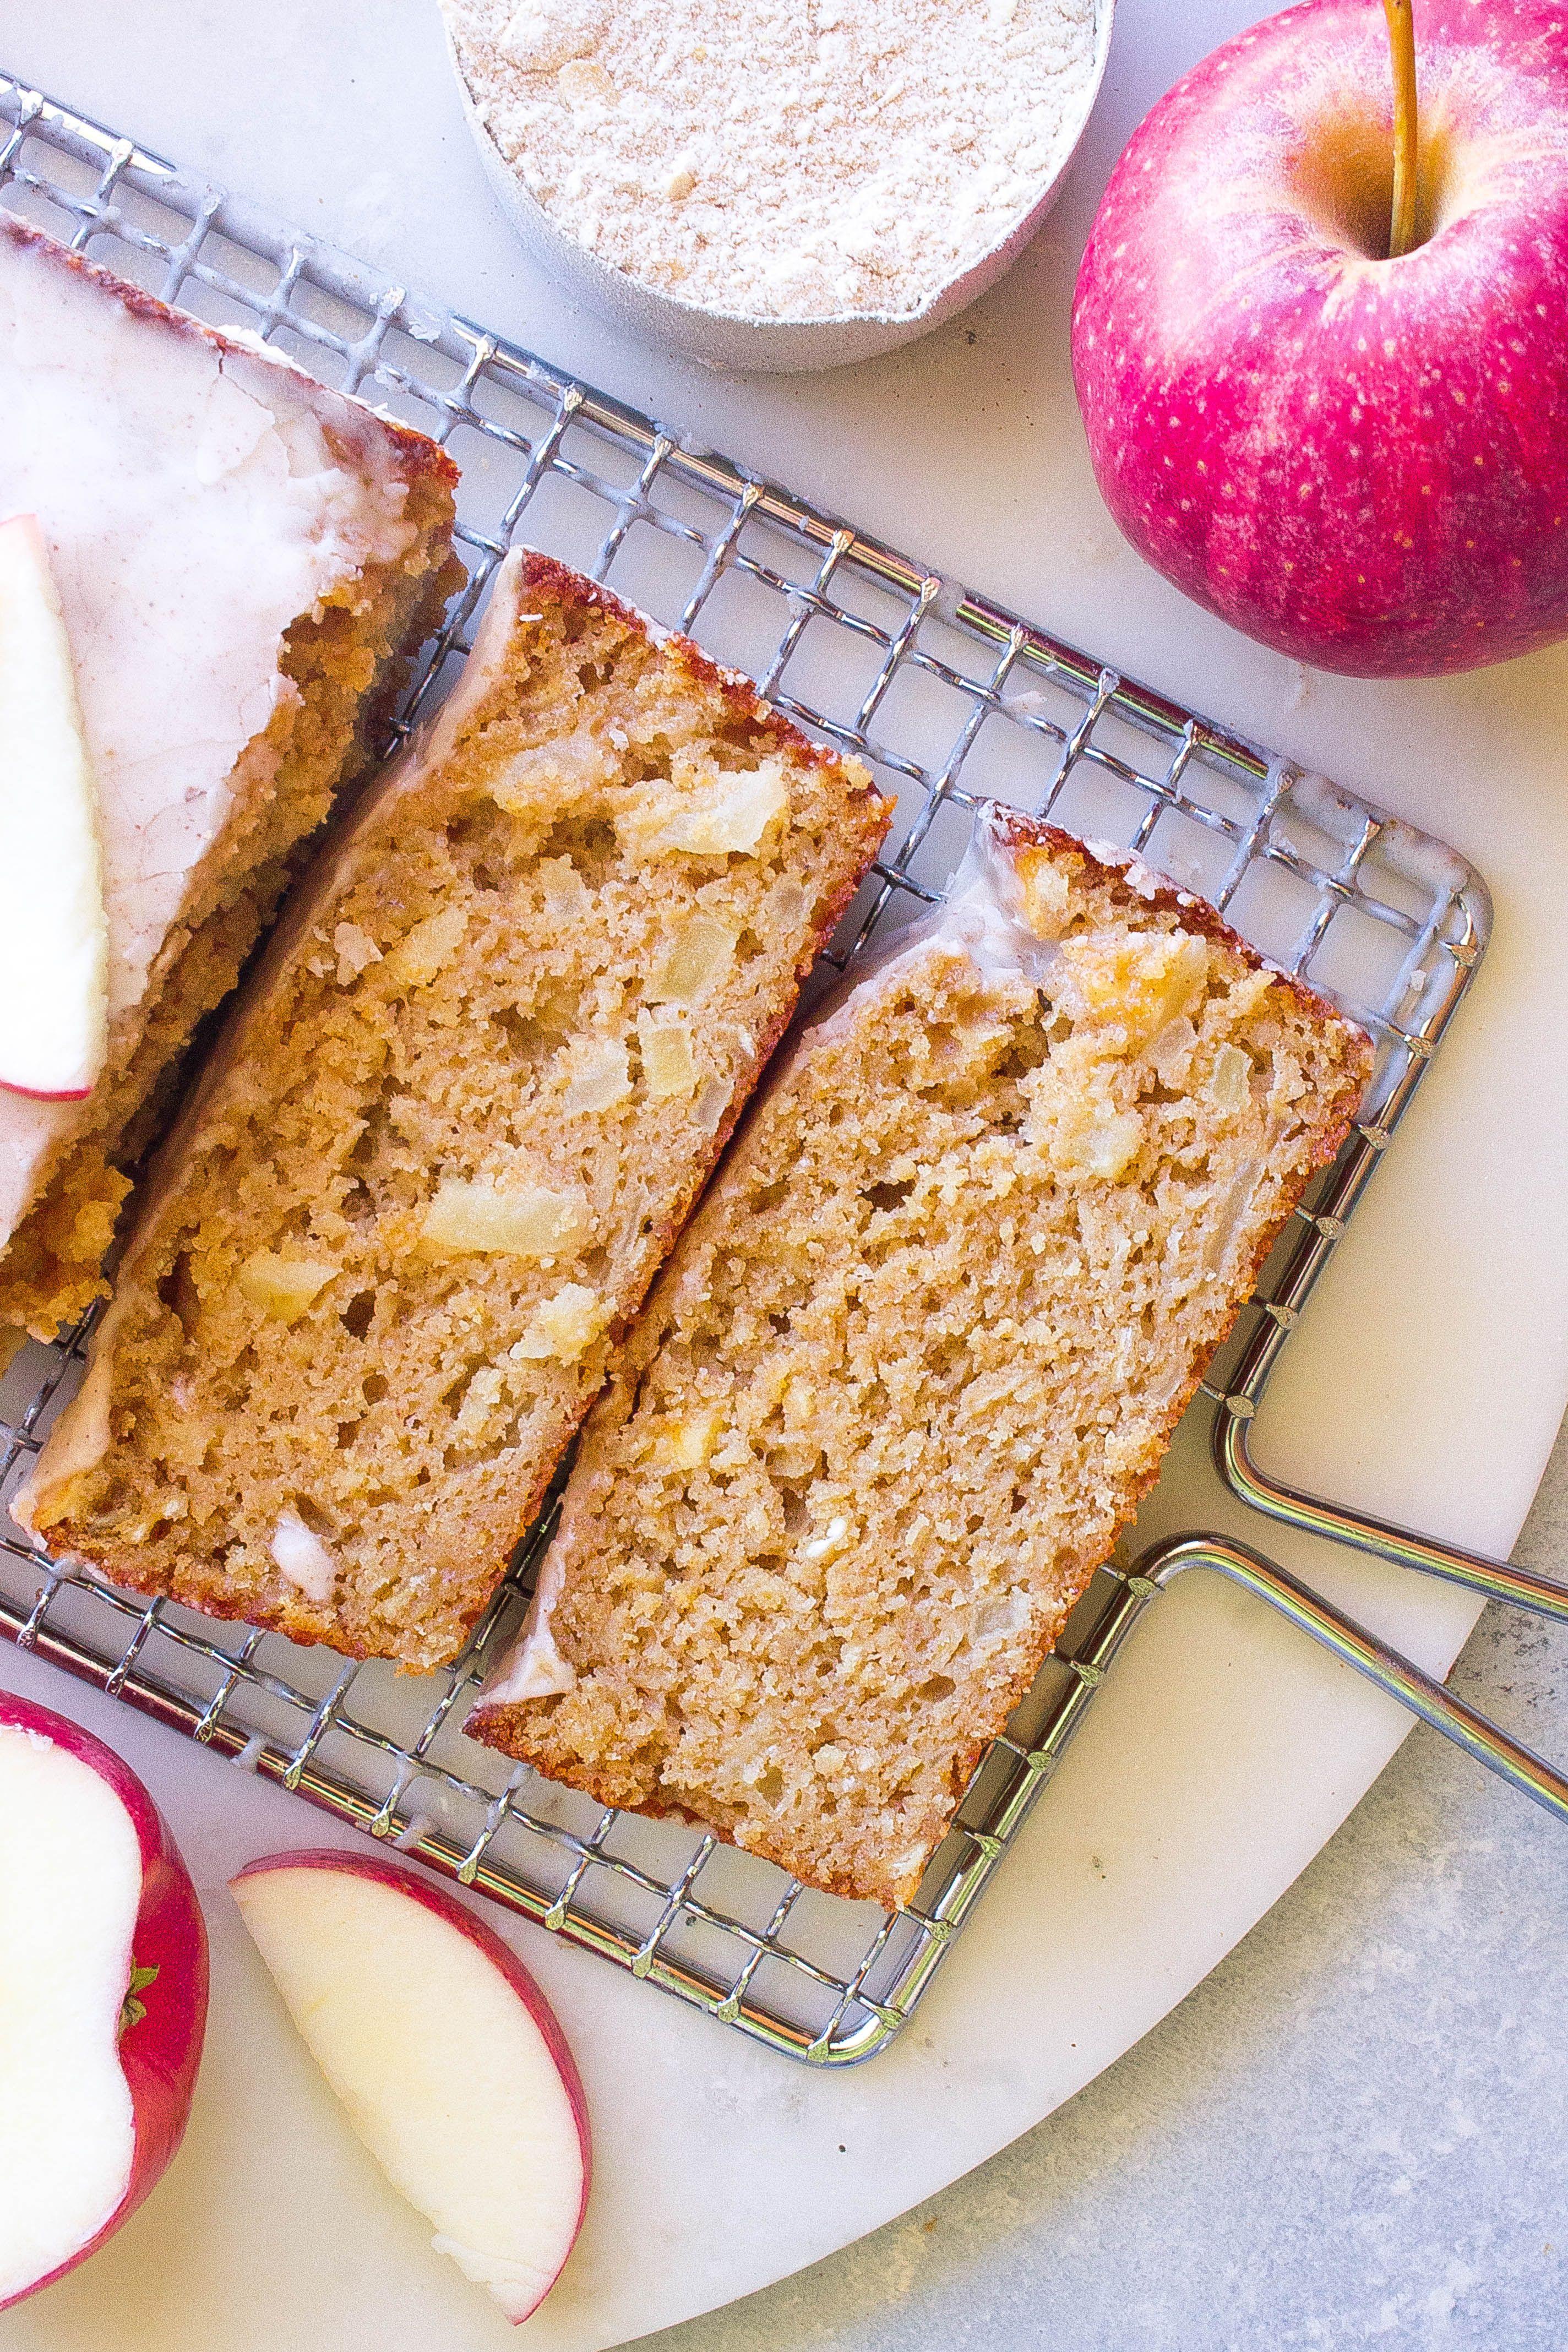 Apple cinnamon oat bread recipe cinnamon glaze recipe